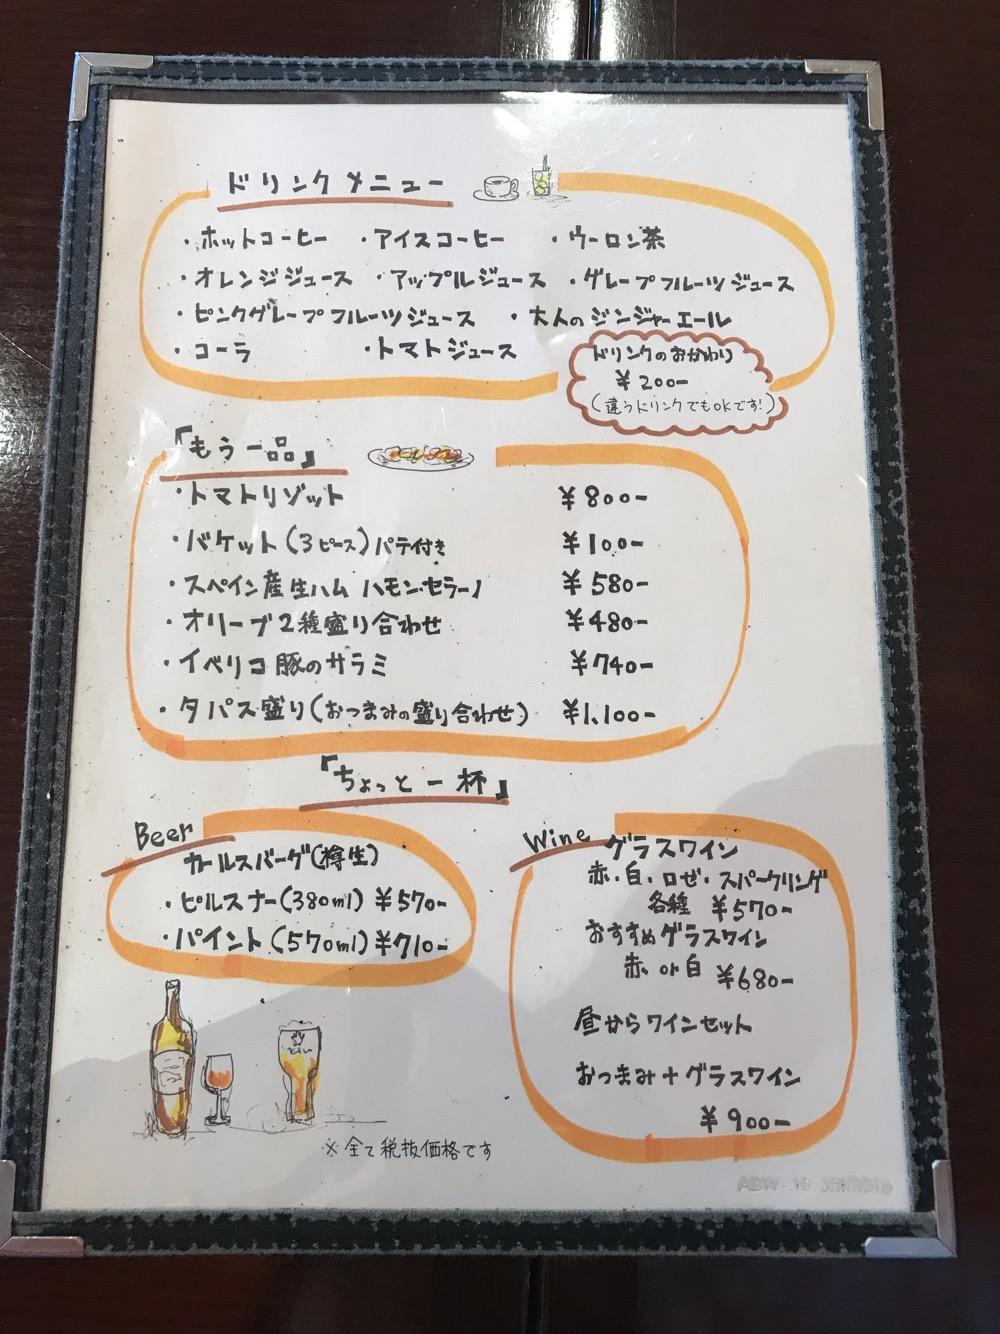 俺流生パスタ&ワヰン酒場 TATSU屋製麵所のメニュー(ドリンク、もう一品、ちょっと一杯)